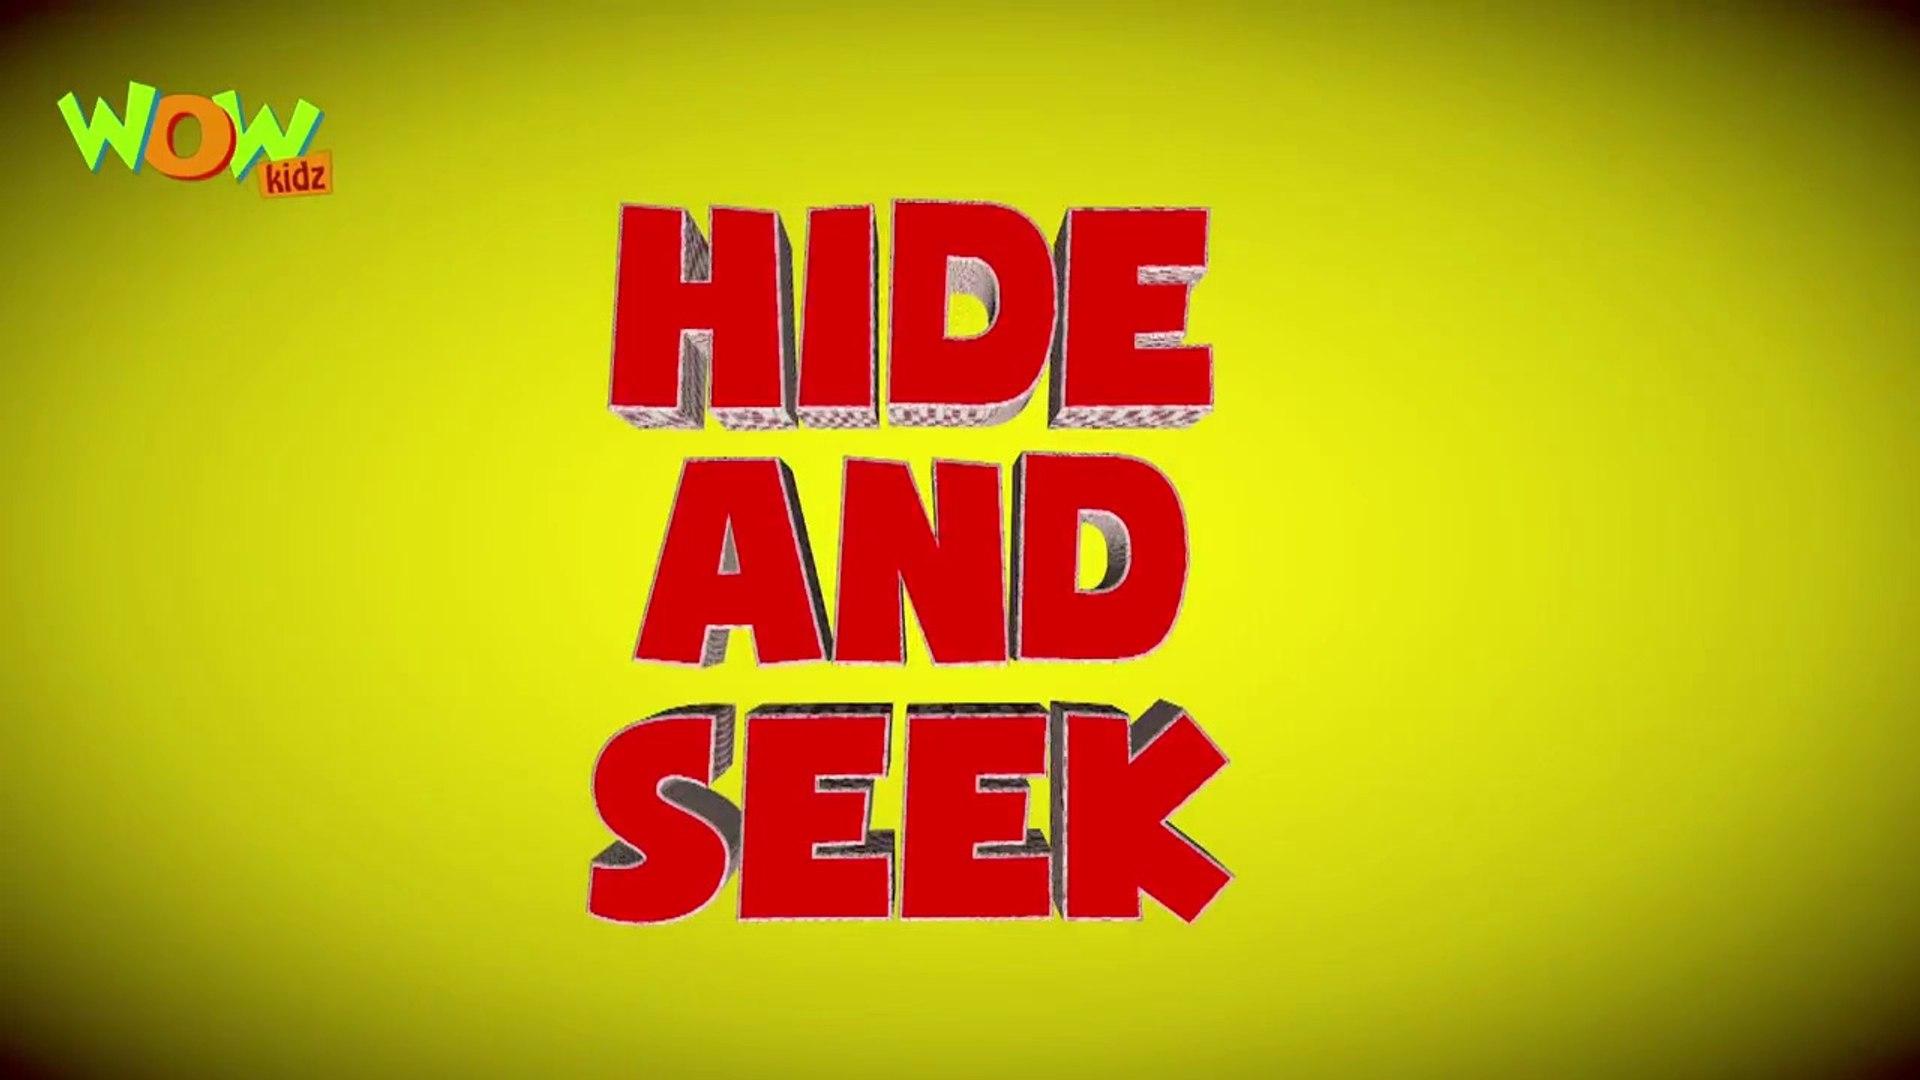 Hide and seek - Vir The Robot Boy